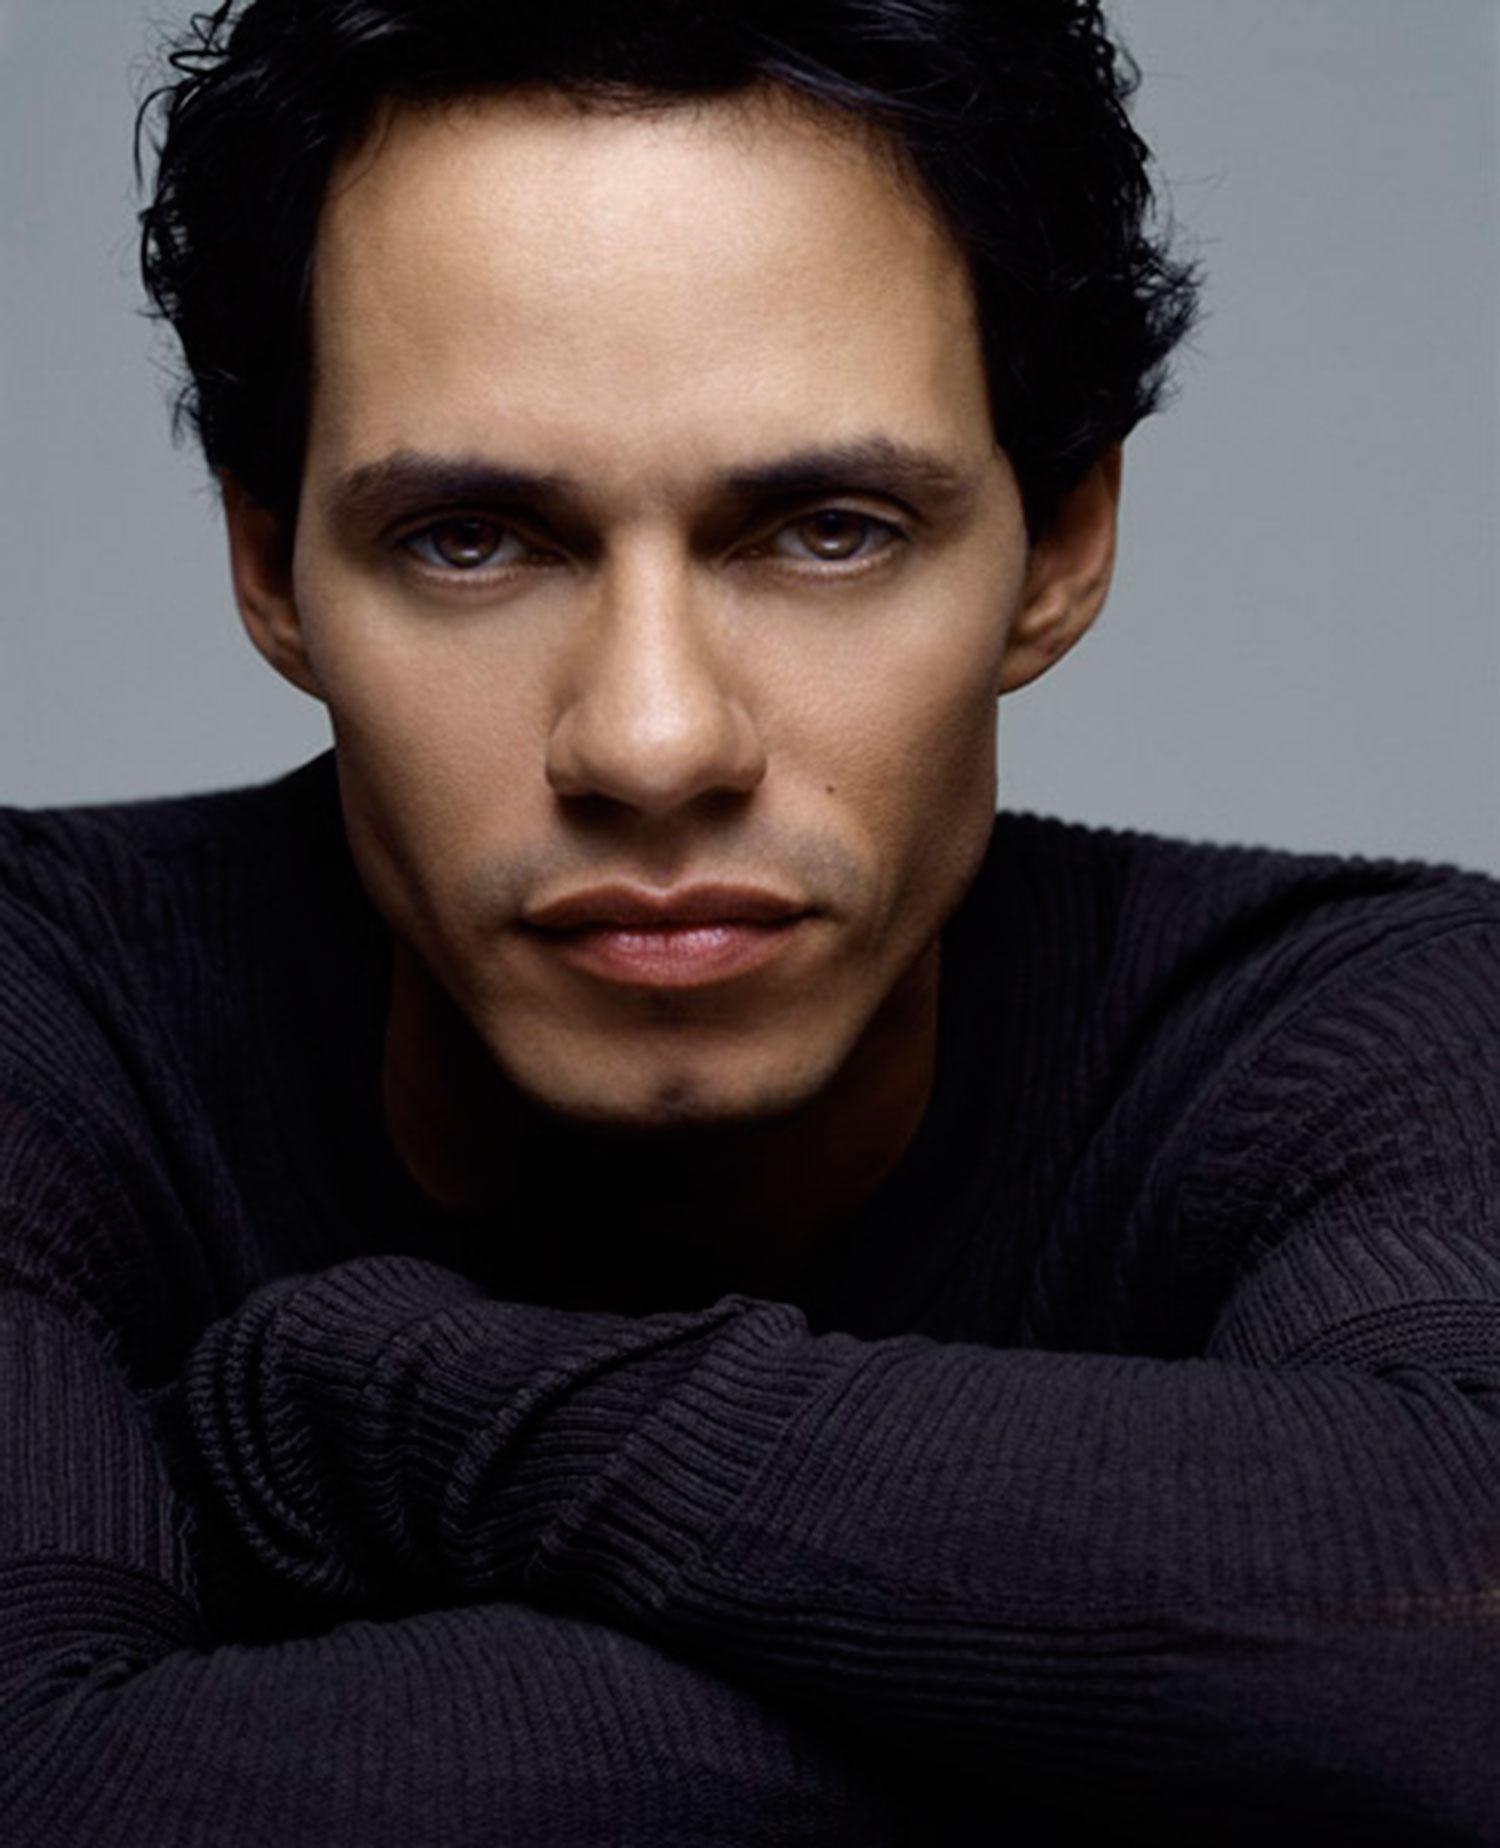 Imagen de Marc Anthony músico del género Latino activo en Los 90s